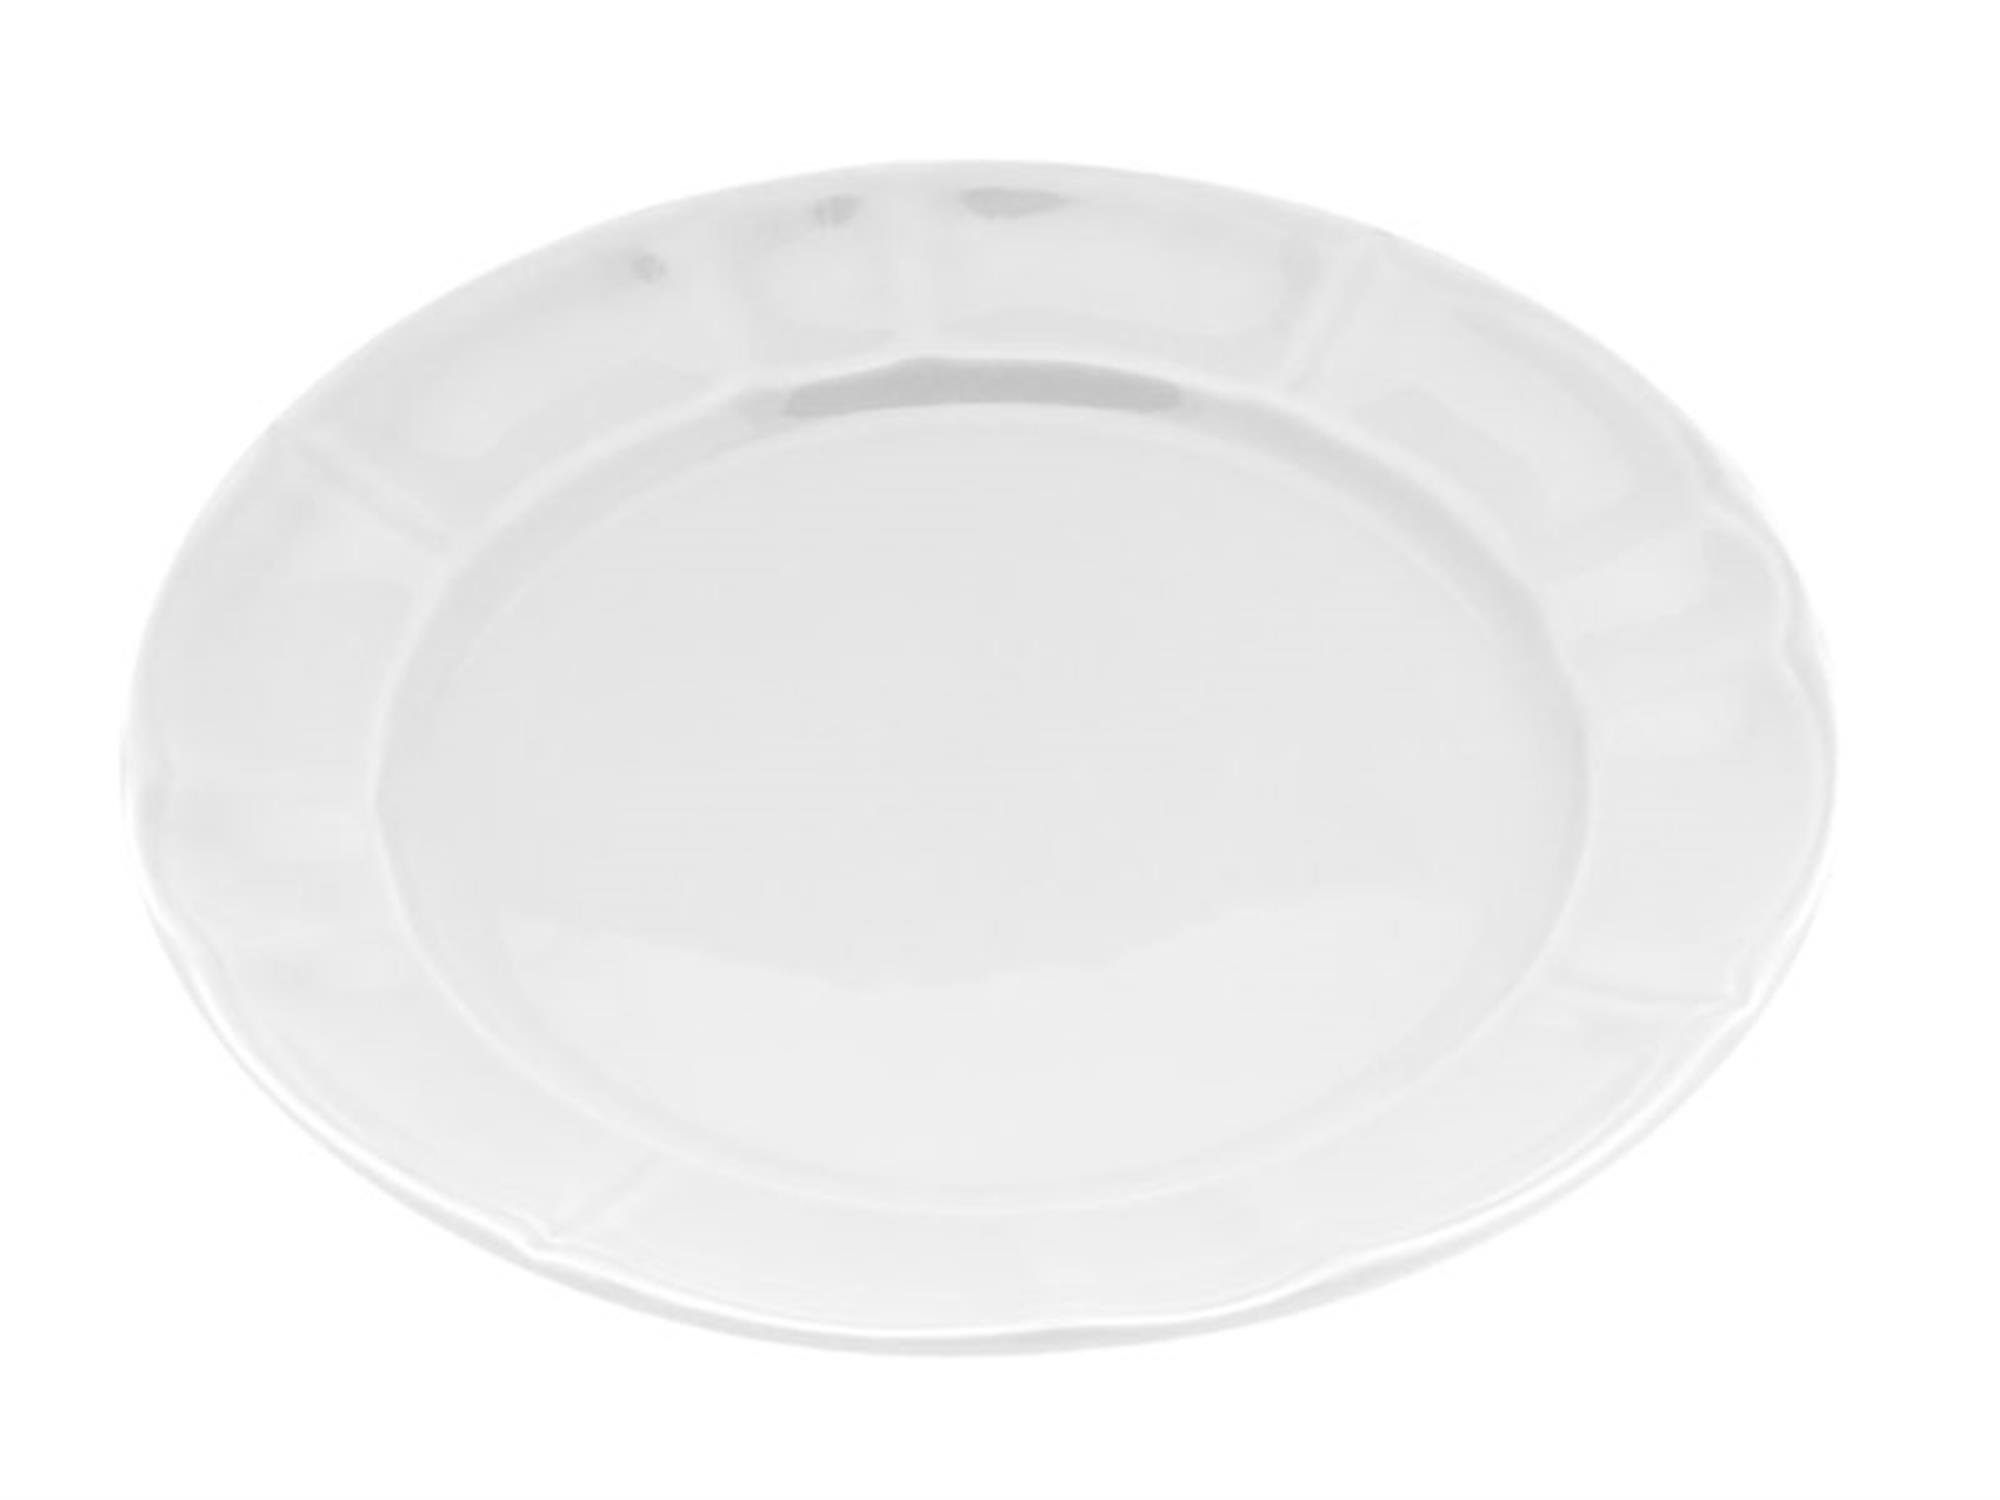 Πιάτο κεραμικό ρηχό λευκό 27cm Venus 89564